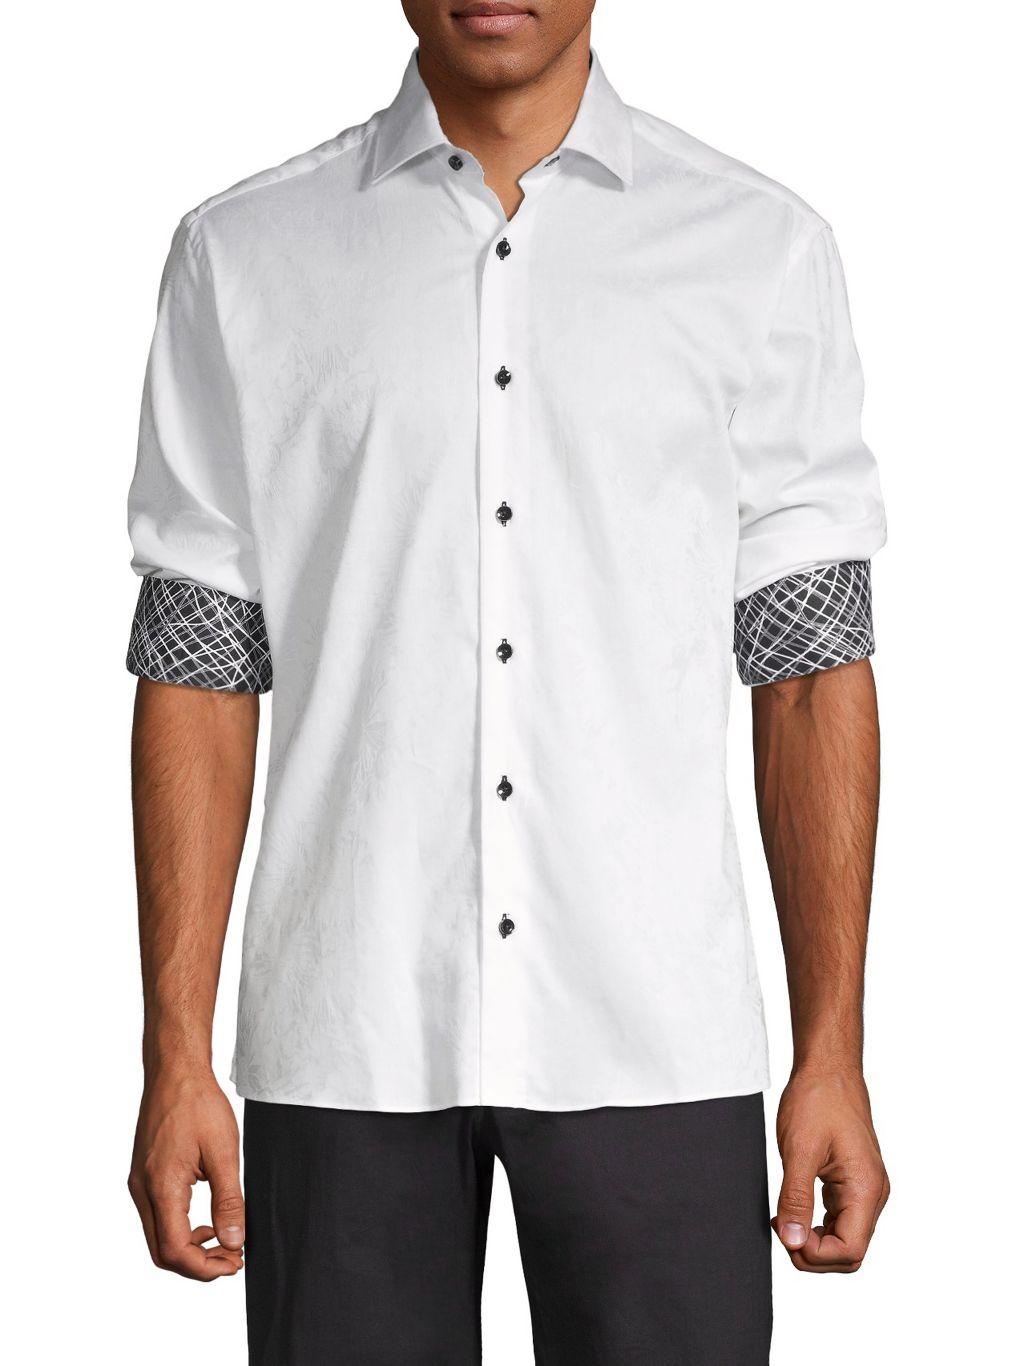 Bertigo Jacquard Floral Shirt